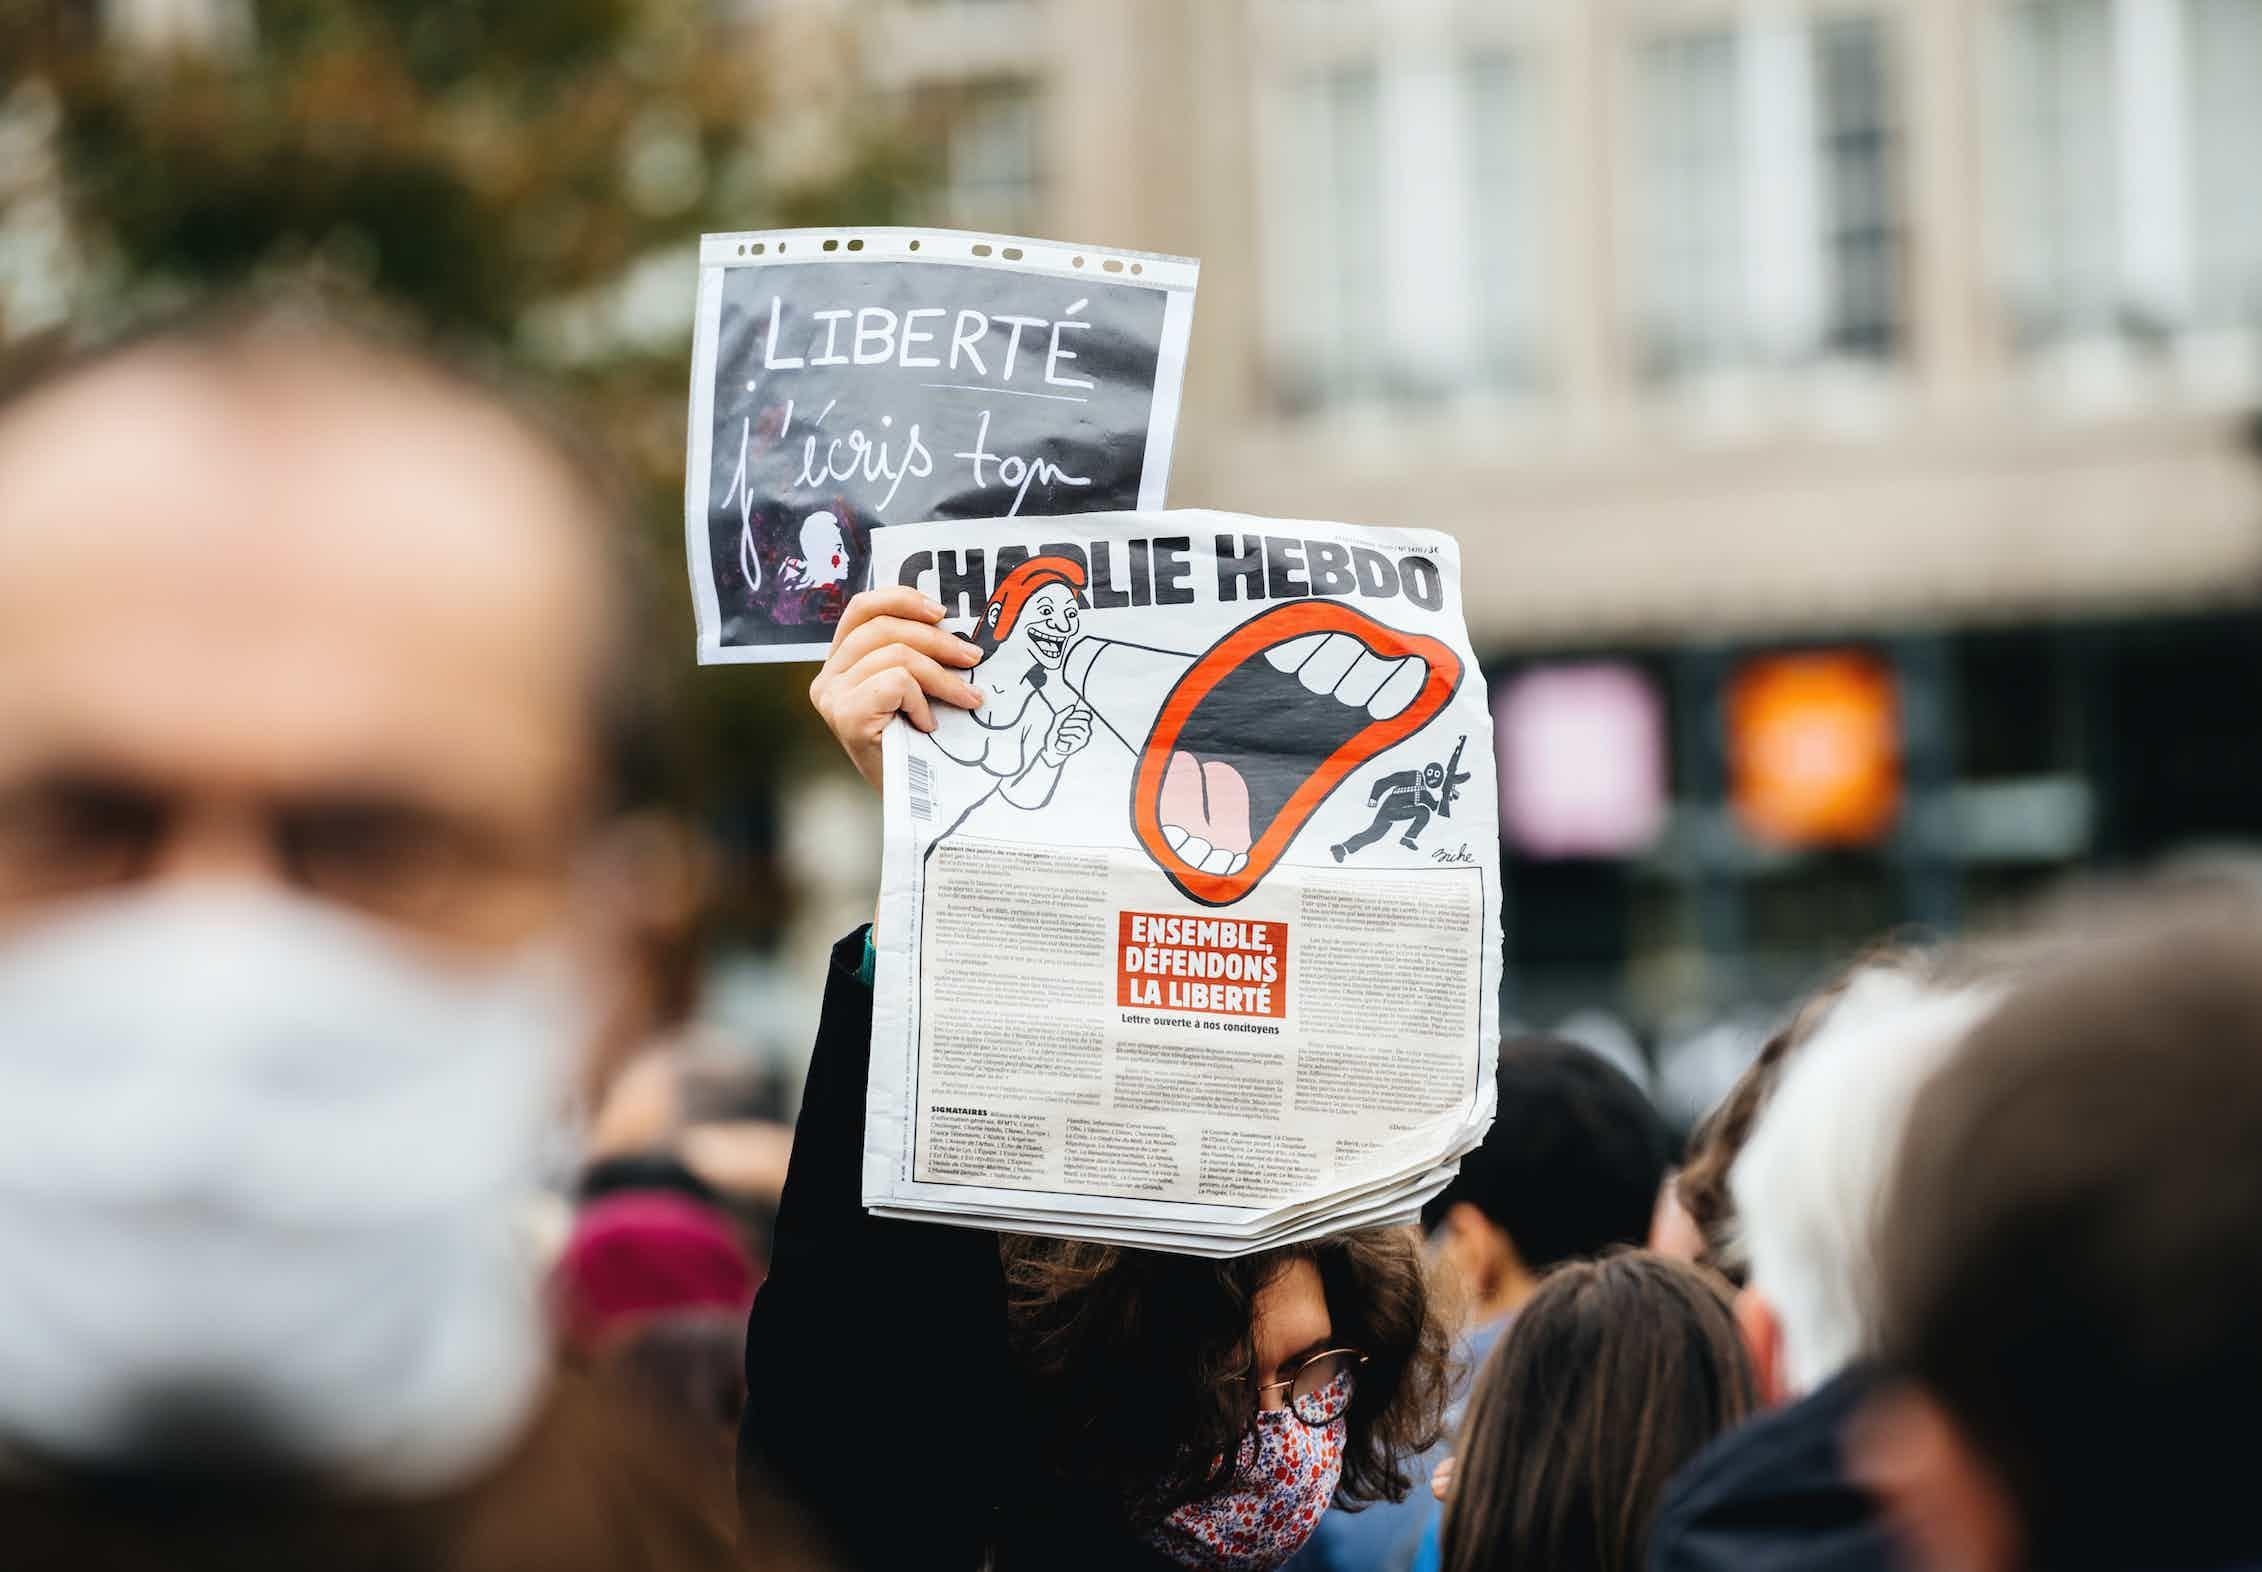 Una mujer con el periódico Charlie Hebdo rinde homenaje al profesor de historia Samuel Paty, decapitado el 16 de octubre de 2020 tras mostrar caricaturas del profeta Mahoma en clase. (Estrasburgo, Francia - 19 de octubre de 2020).Shutterstock / Hadrian